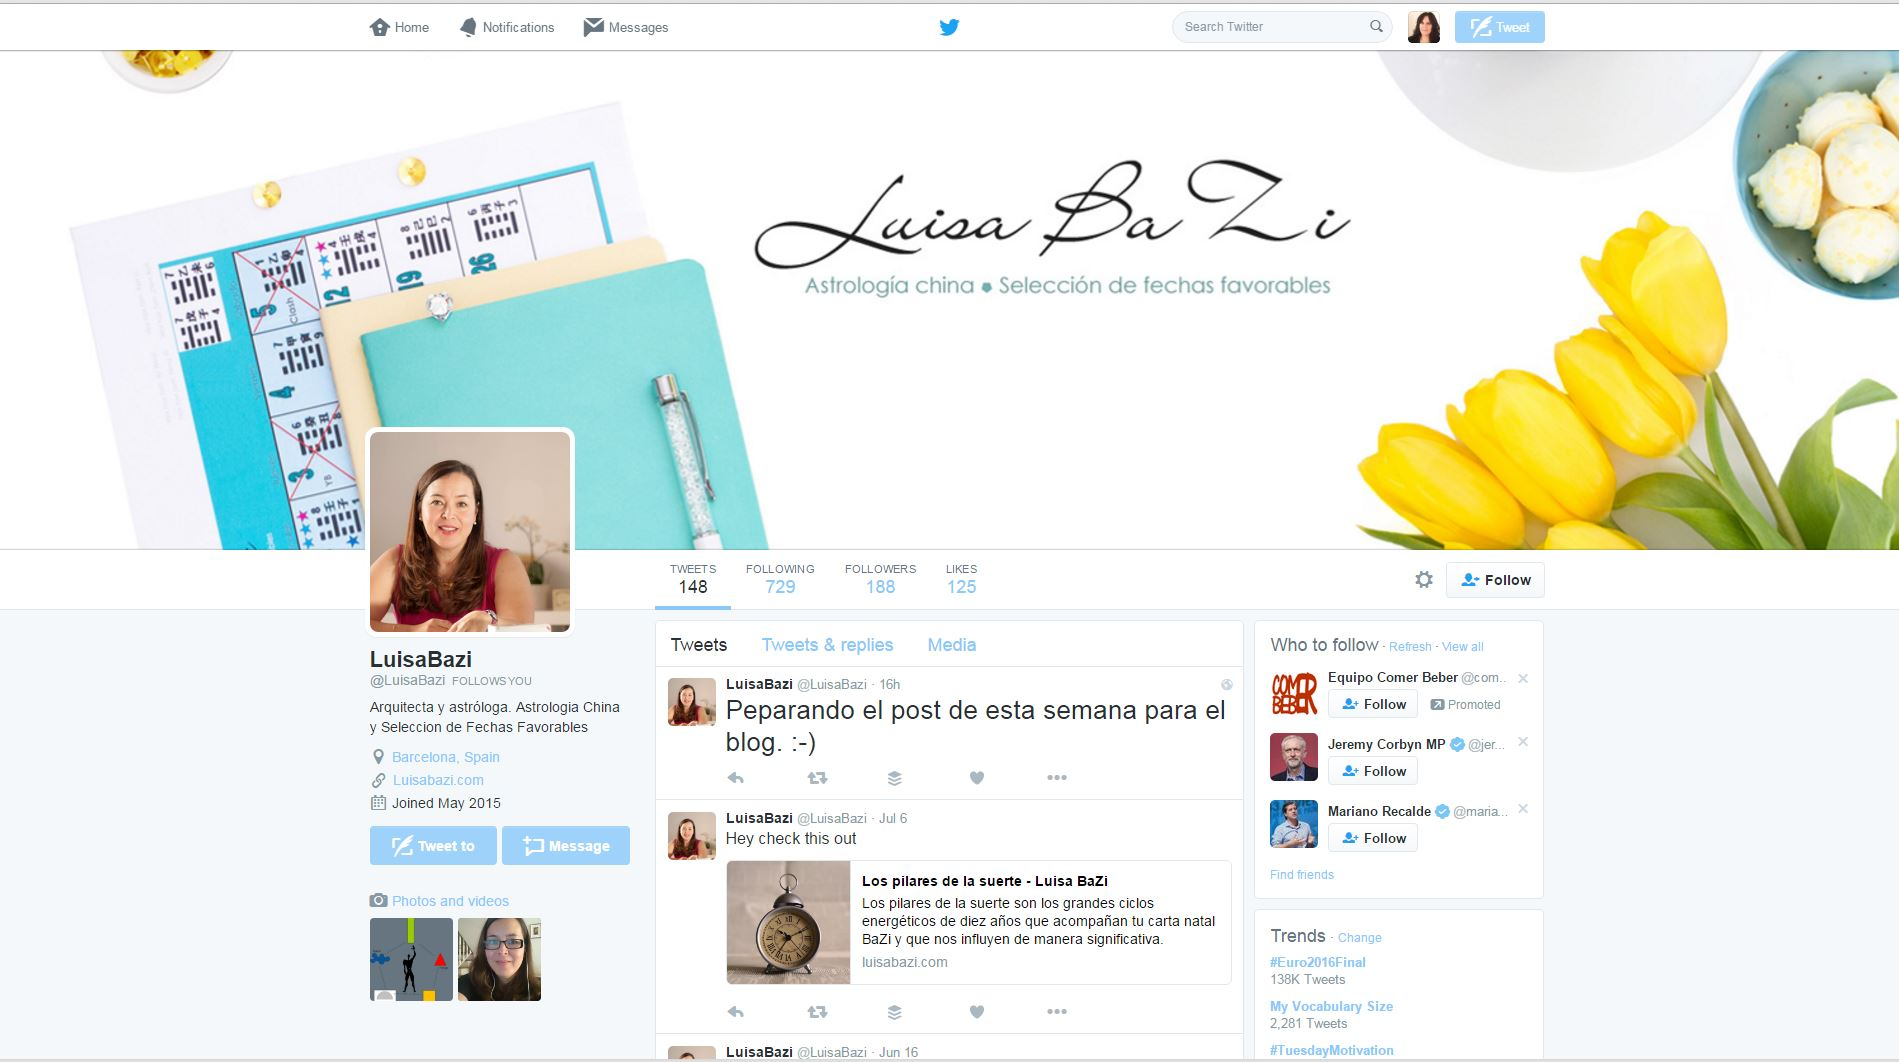 Luisa Bazi Twitter